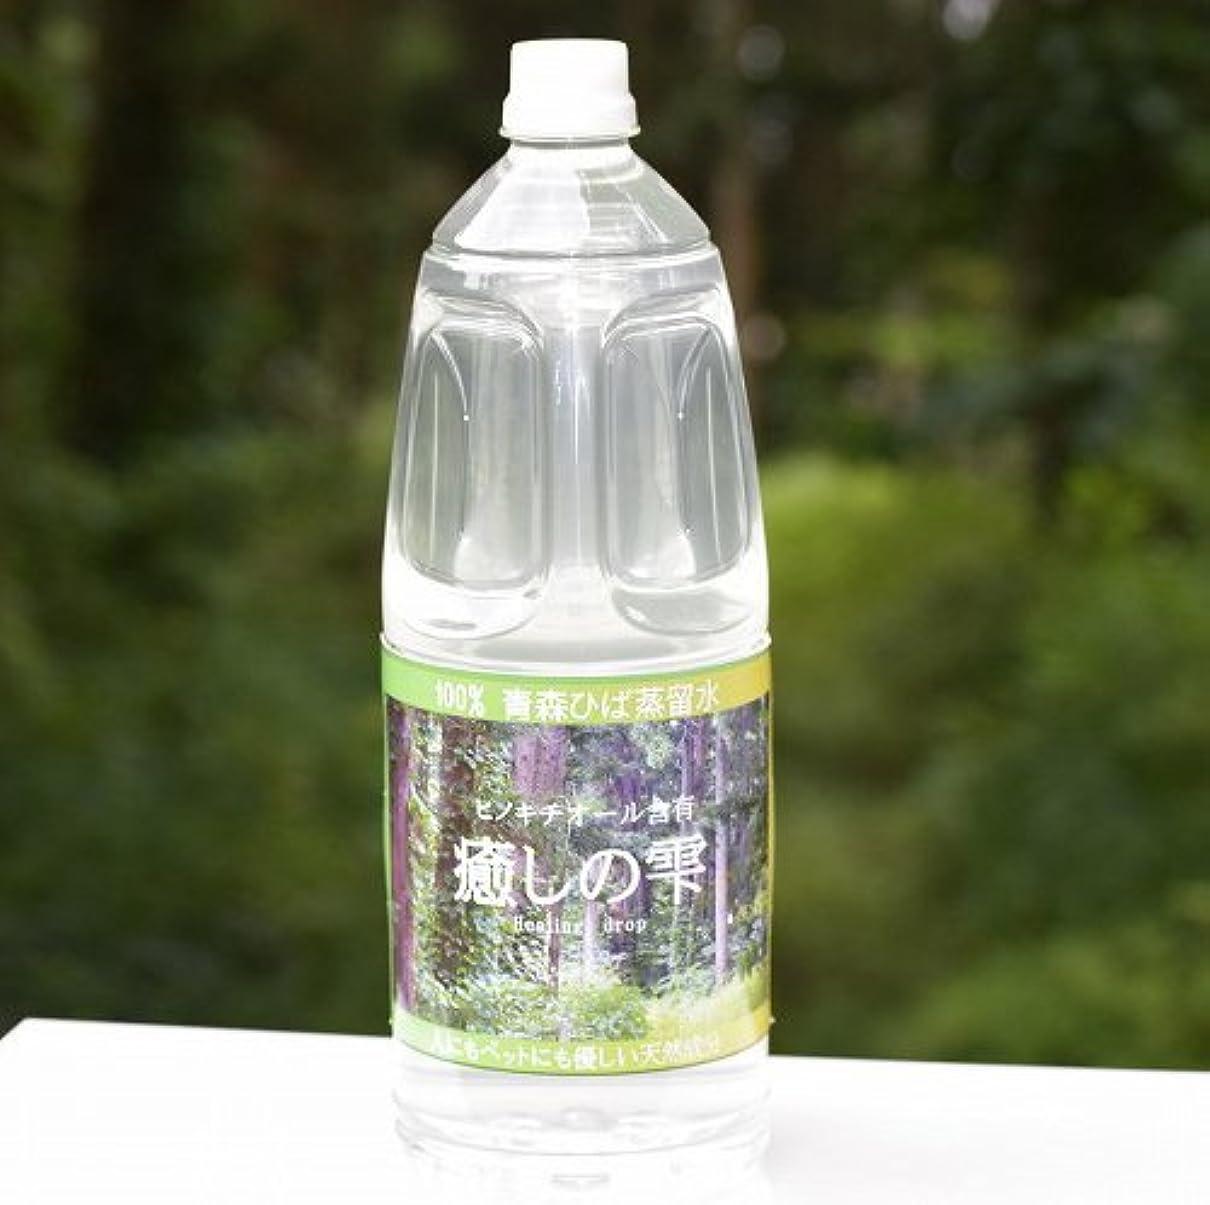 応答全滅させる誠実青森ひば 天然ヒバ水 癒しの雫 蒸留水 送料無料 1.8L×1本 お試し